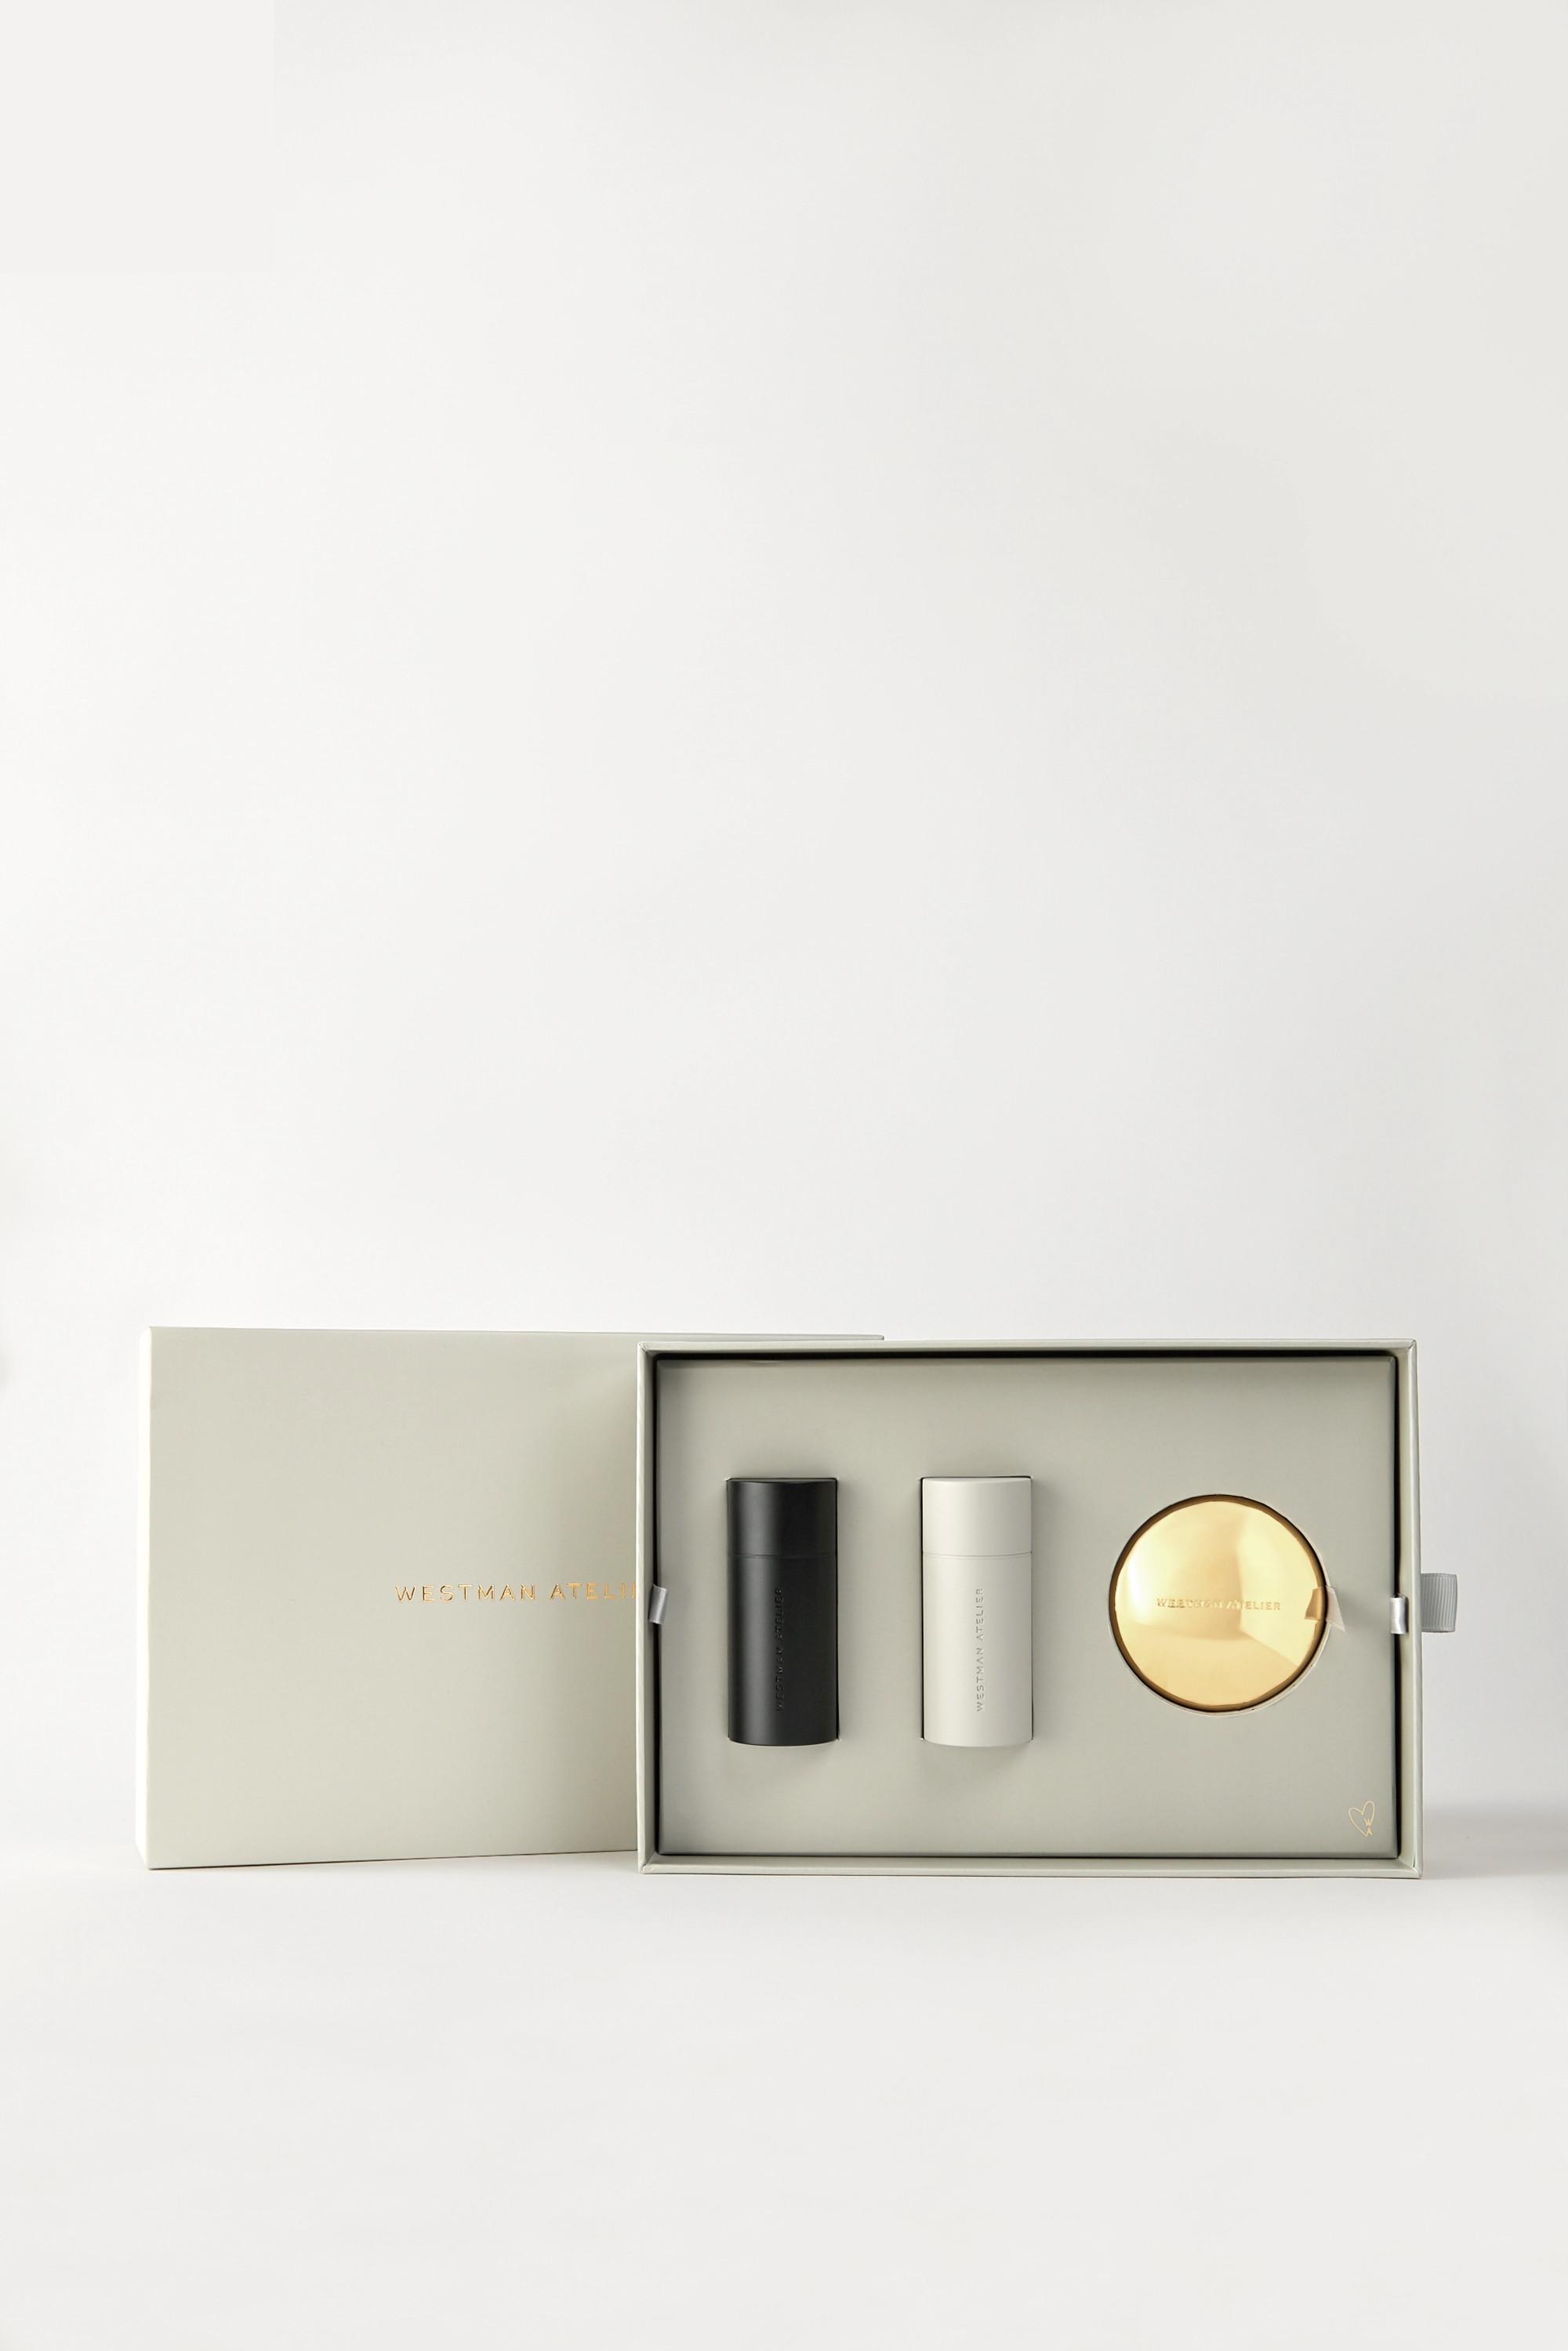 Westman Atelier Le Box set